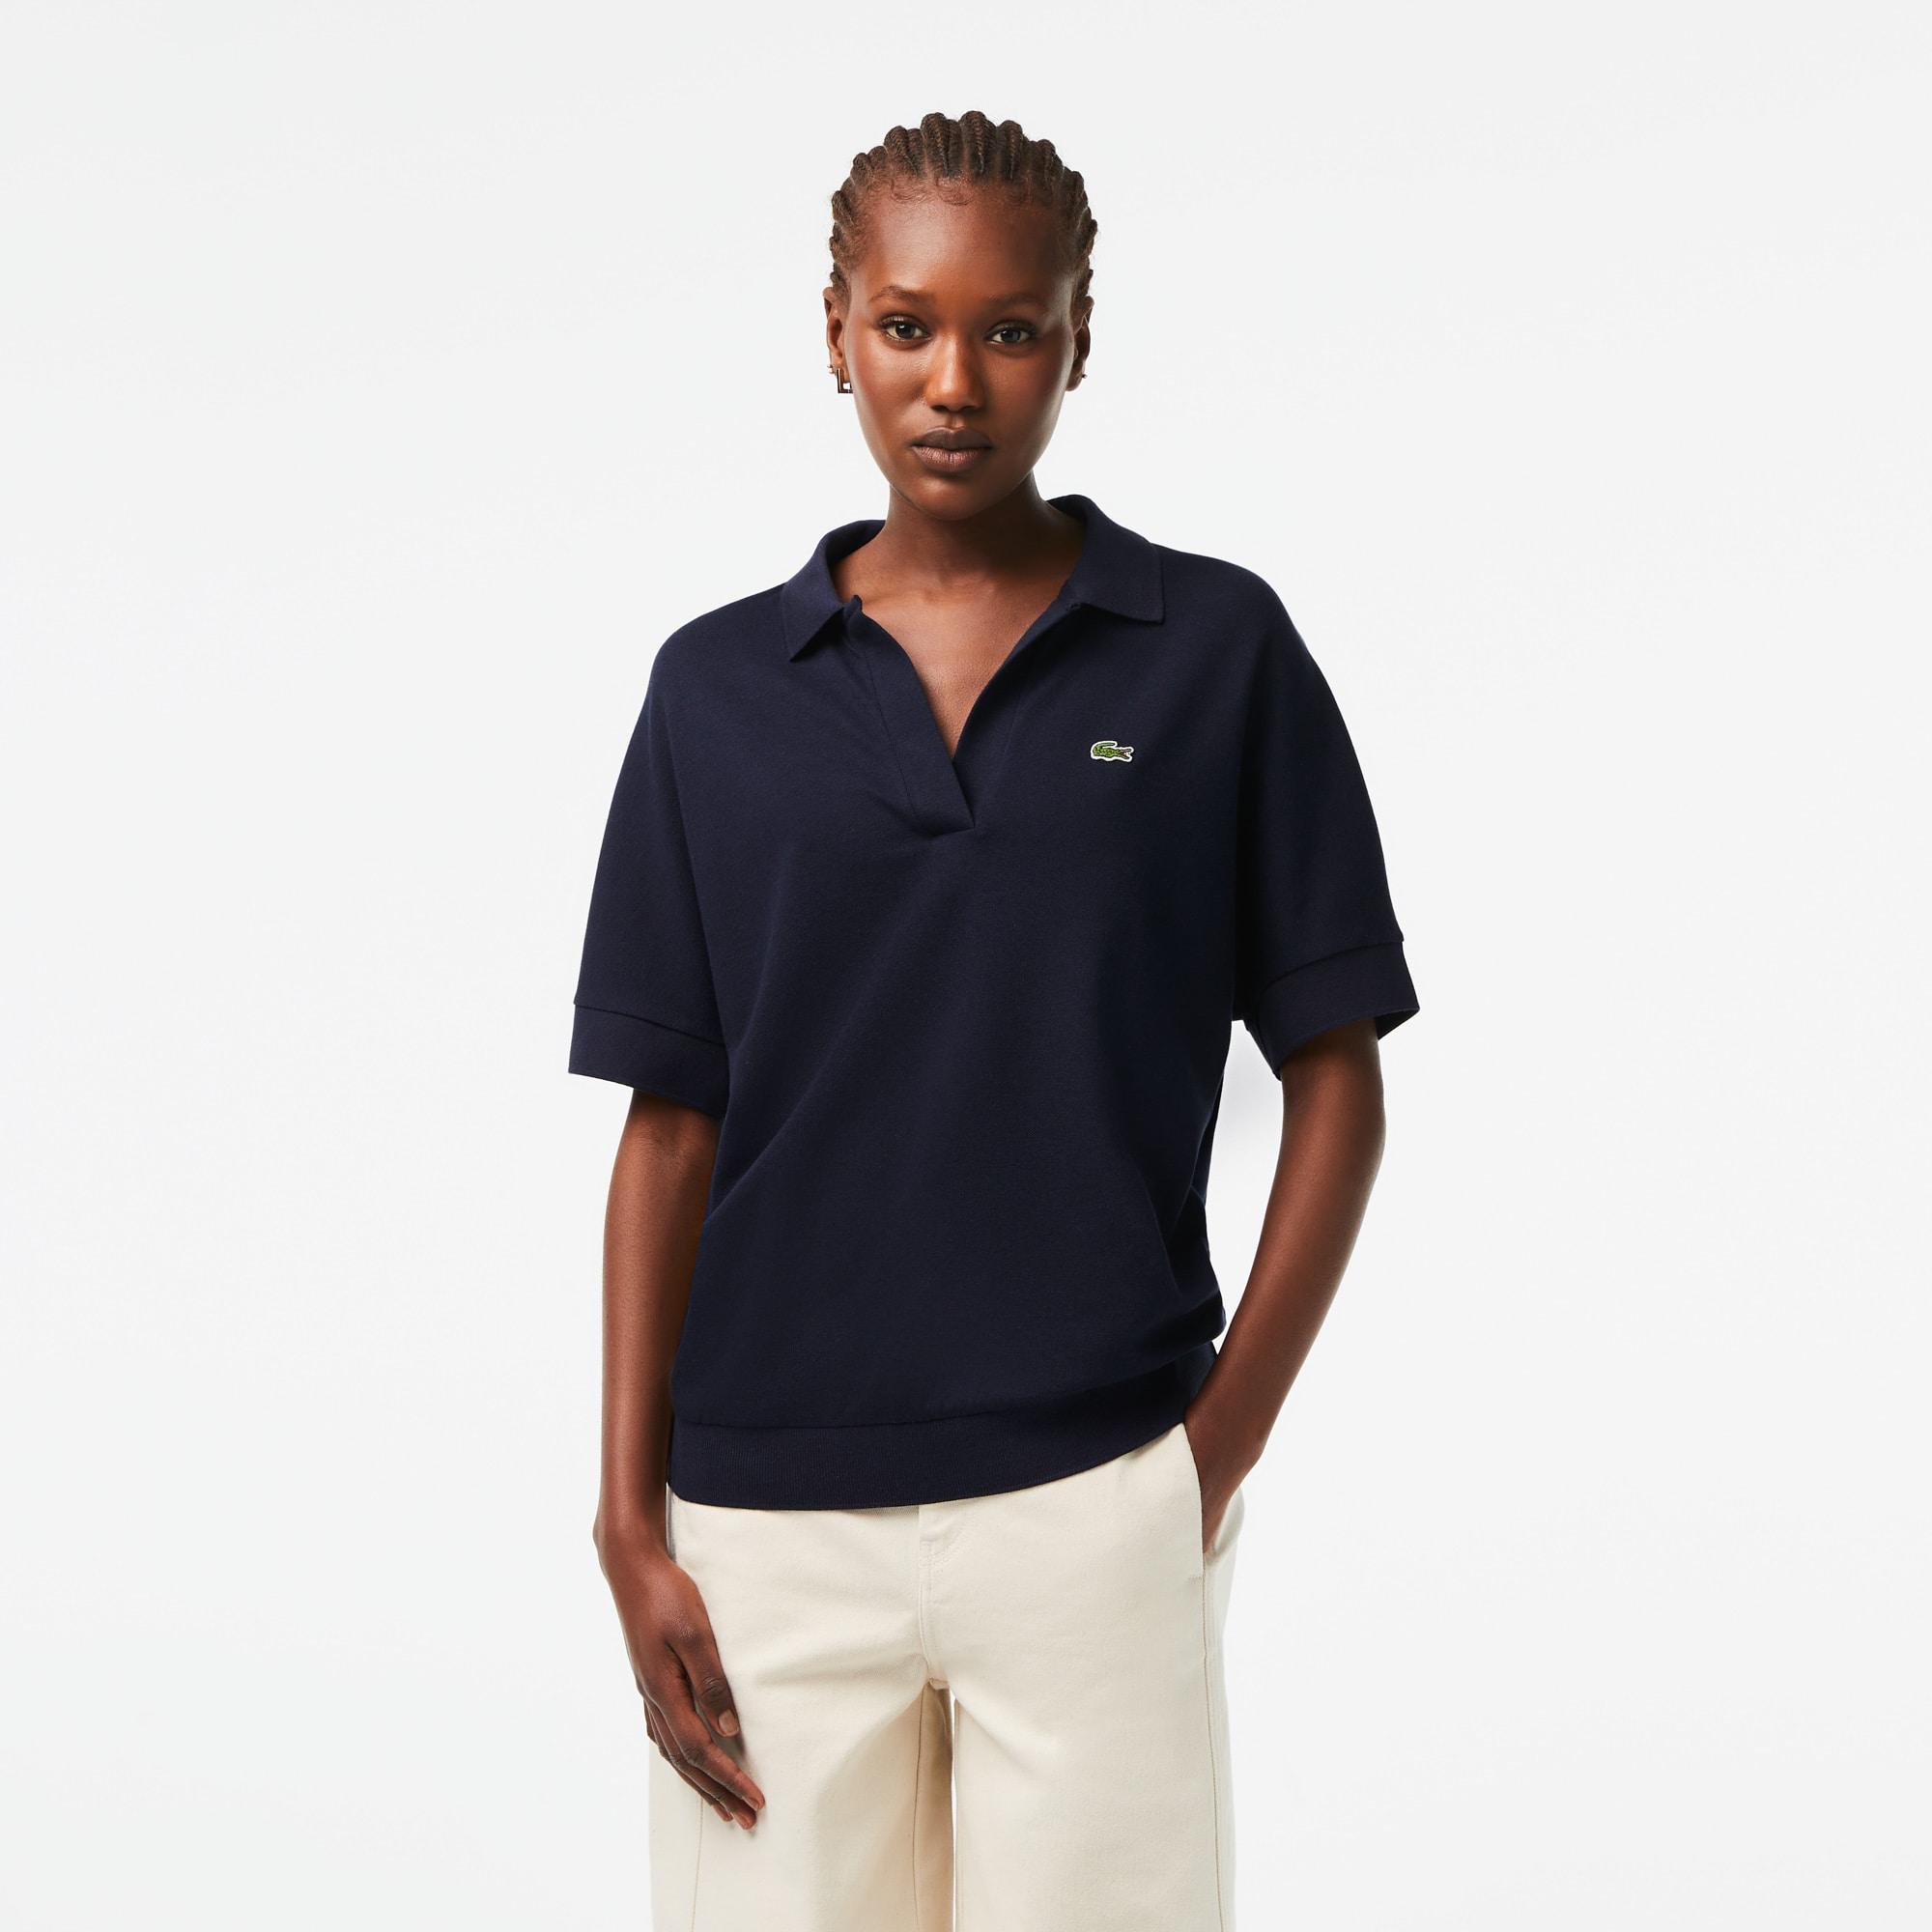 Women's Lacoste Loose fit Flowy Piqué Polo Shirt